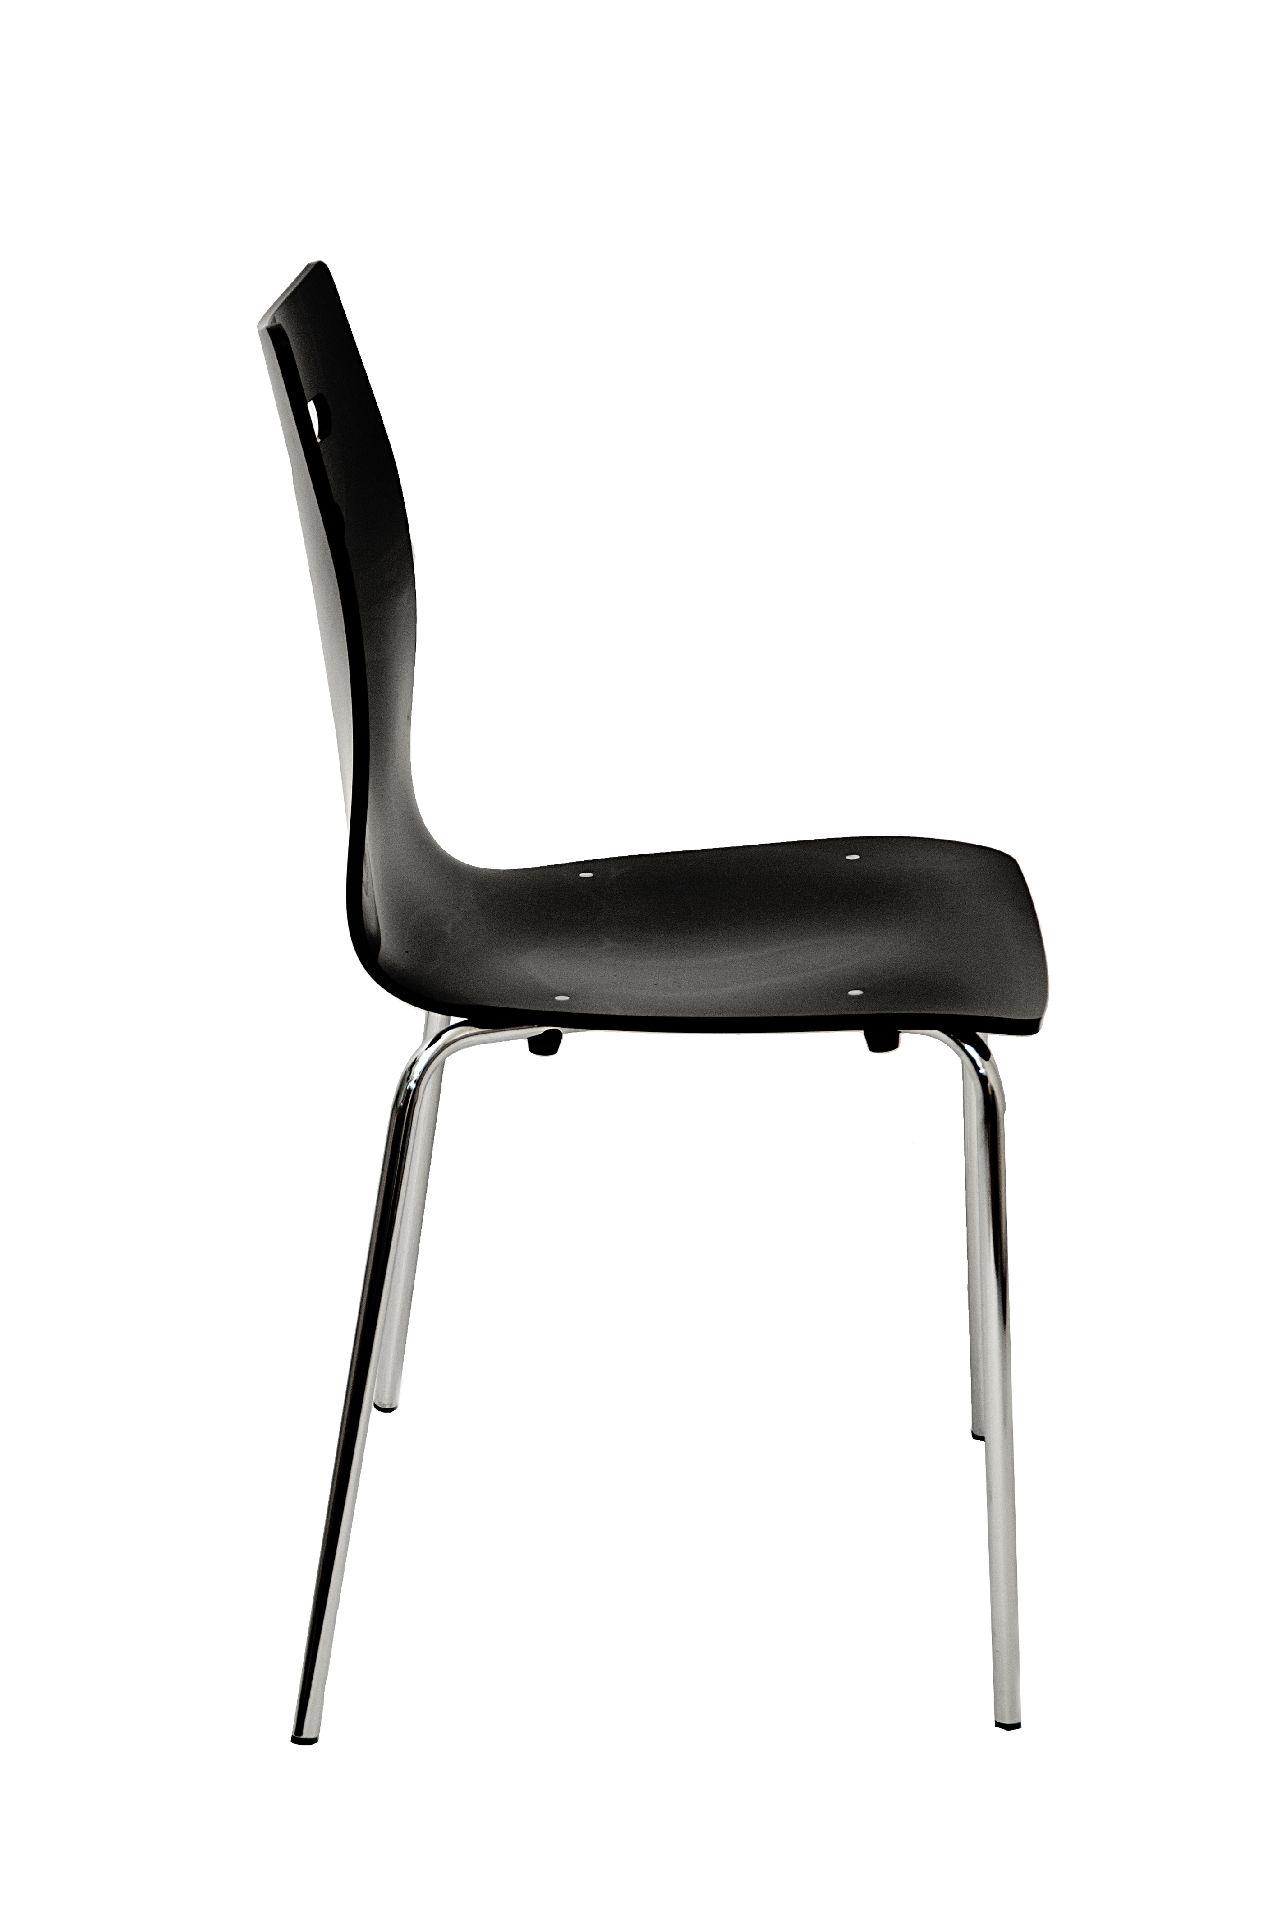 offerta speciale per sedia iride di ozzio in poliuretano e